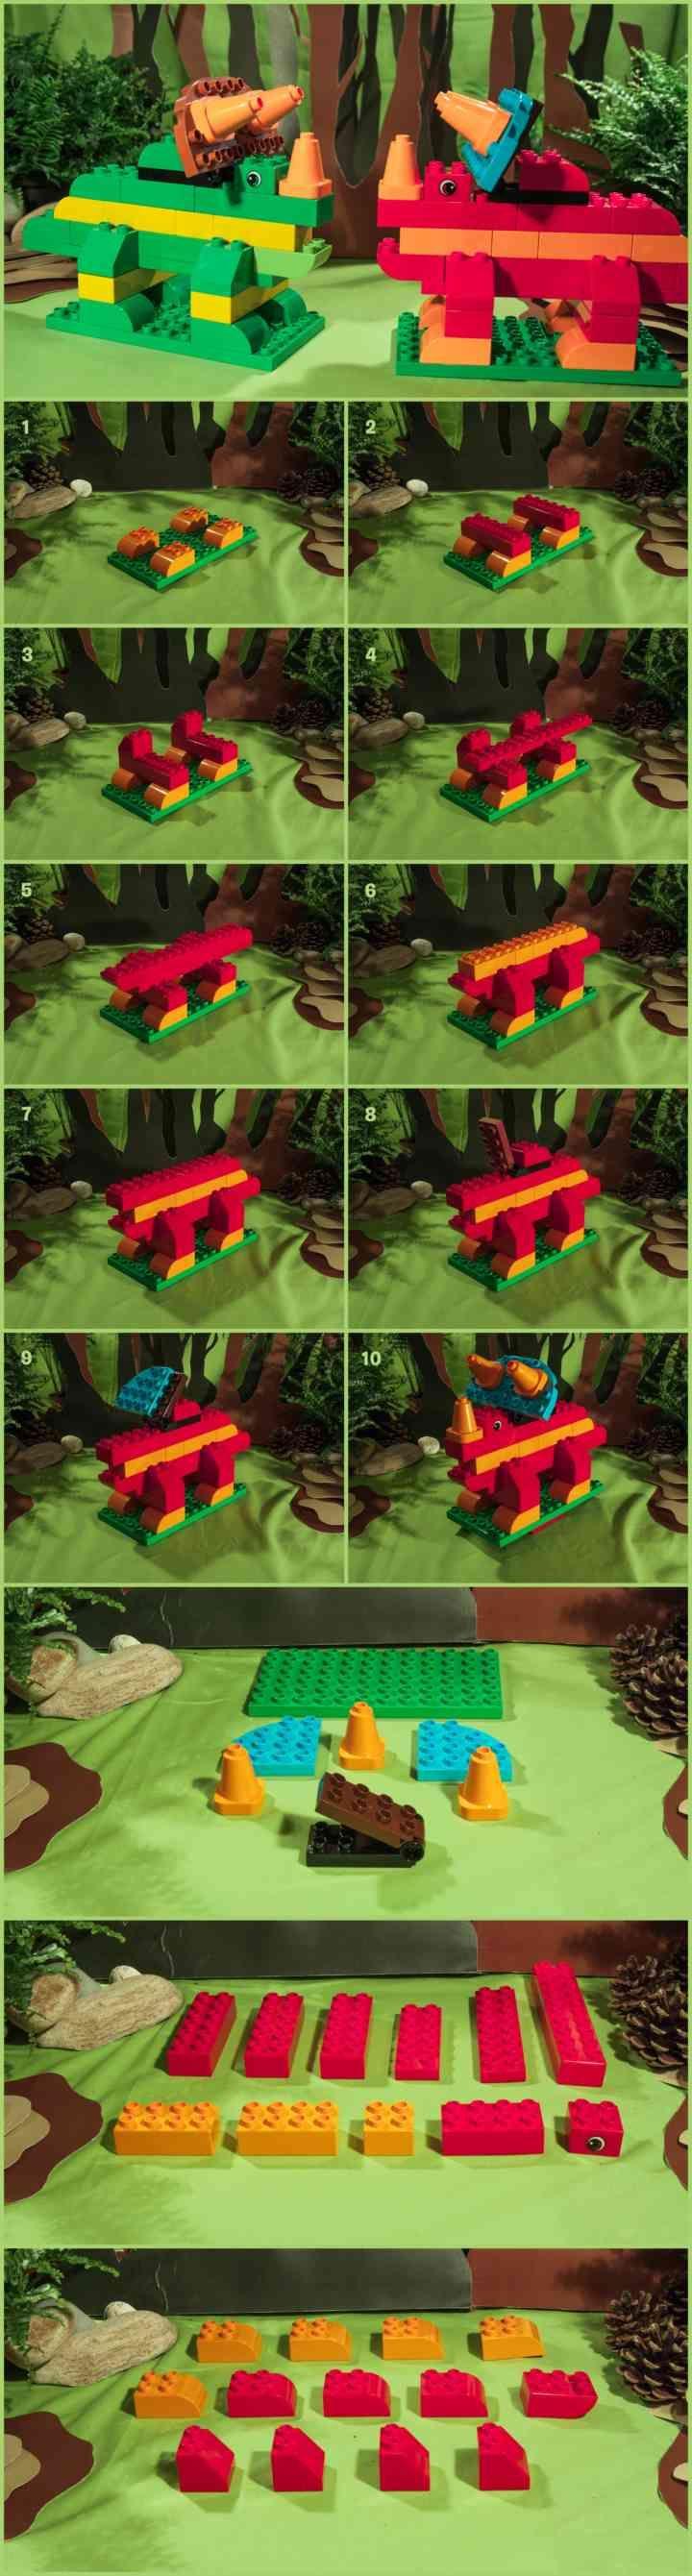 Les 25 meilleures id es de la cat gorie dinosaures sur pinterest anniversaire th me dinosaure - Jeux lego dino ...